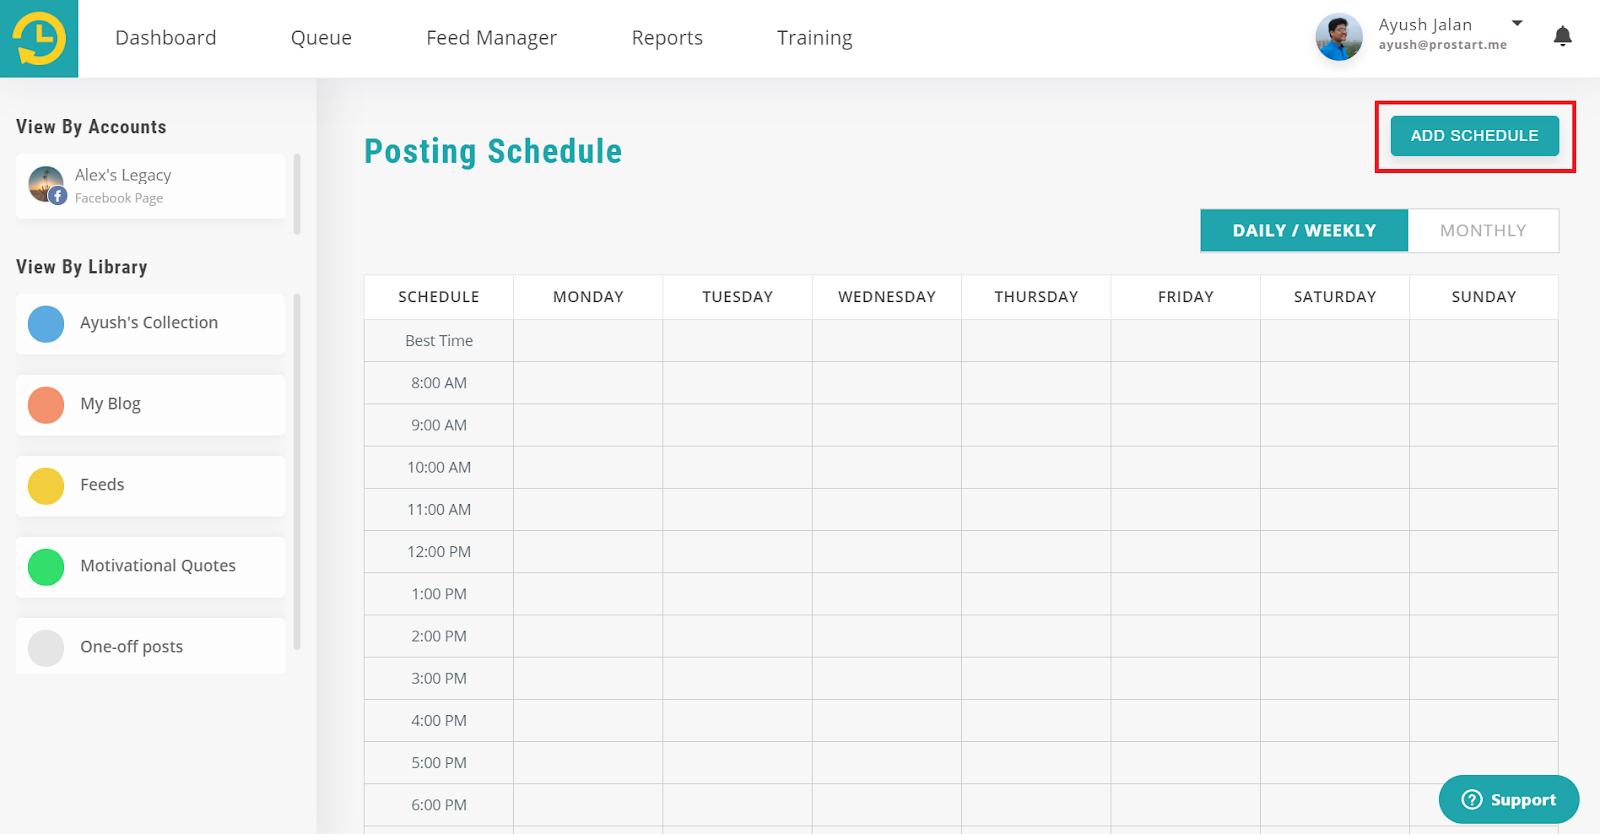 add schedule